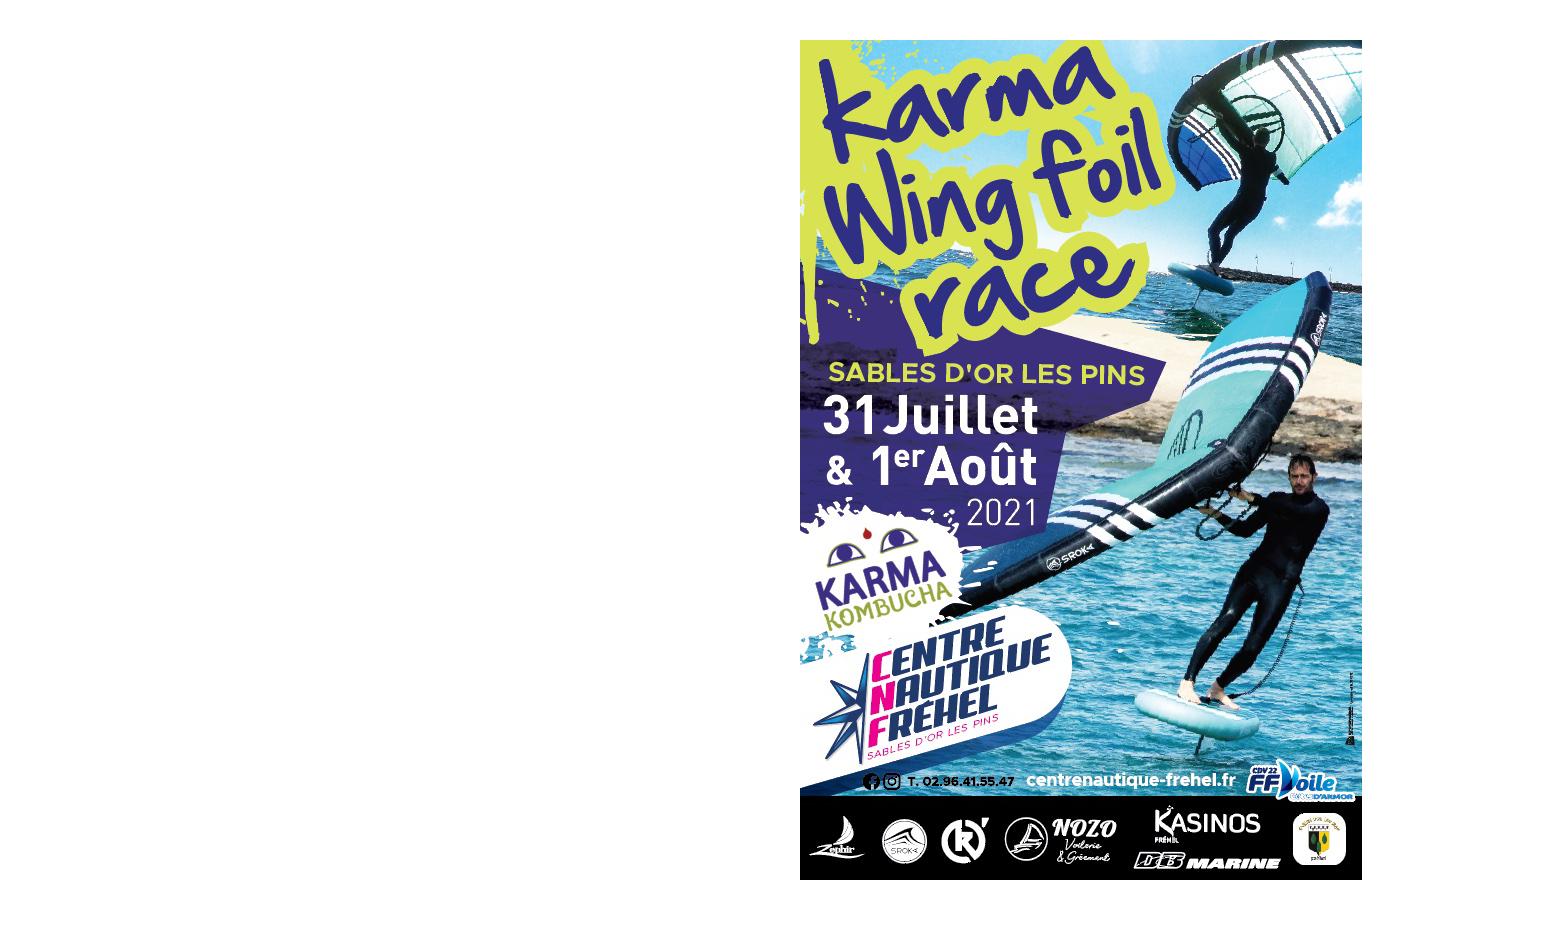 Karma wingfoil race